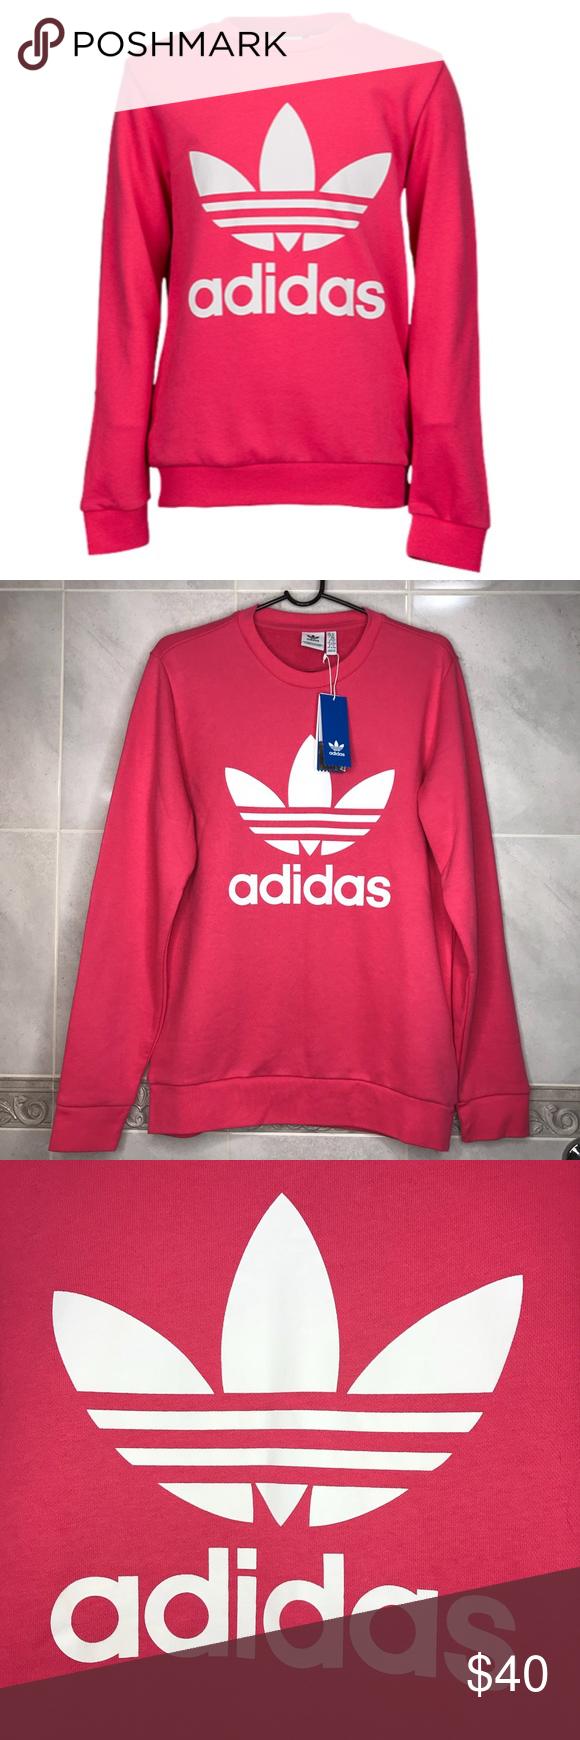 Nwt Adidas Originals Trefoil Pink Crewneck Sweater Pink Crewneck Crew Neck Sweater Pullover Styling [ 1740 x 580 Pixel ]